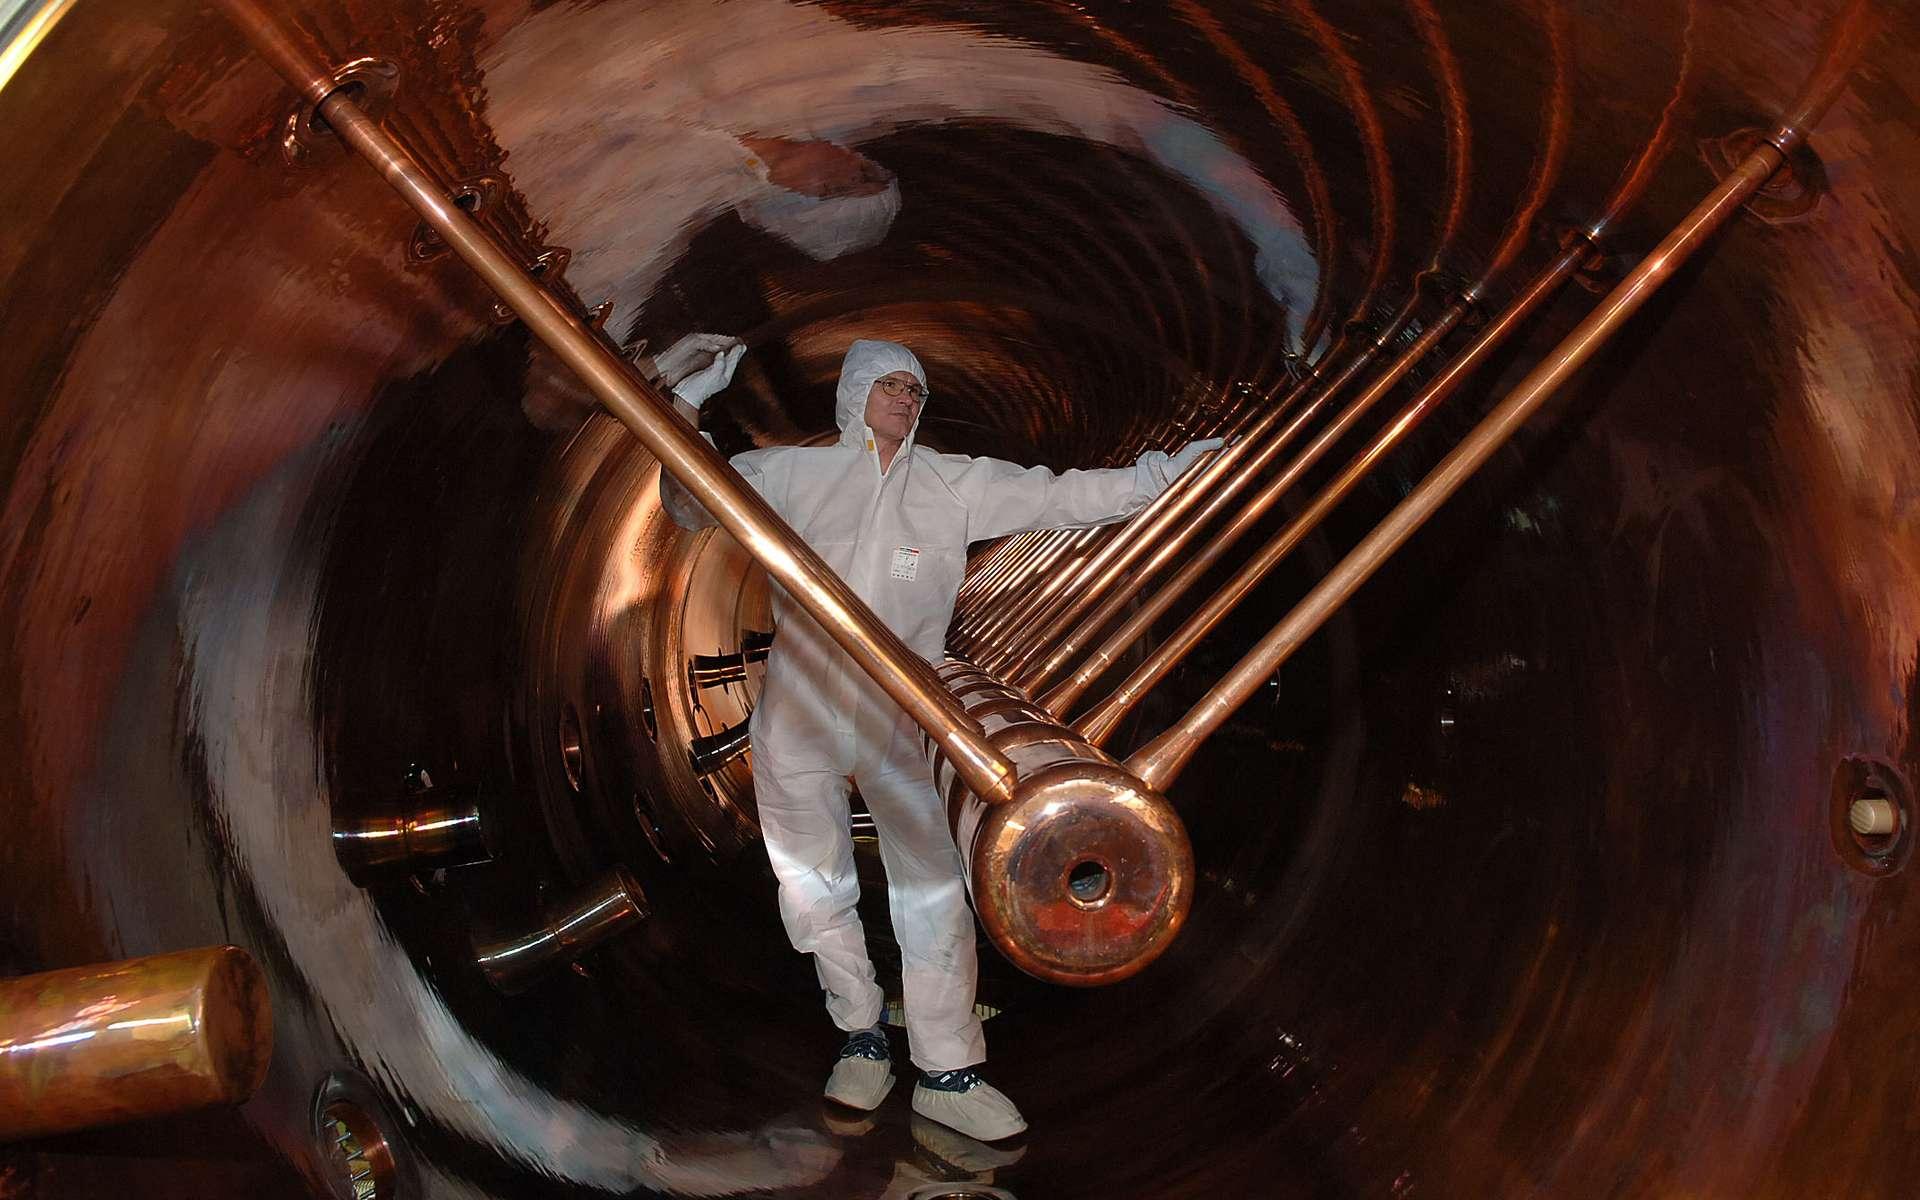 L'intérieur de l'accélérateur linéaire de 120 mètres long du GSI (Gesellschaft für Schwerionenforschung) à Darmstadt en Allemagne. Il a permis d'accélérer les ions utilisés pour produire de nouveaux éléments et des isotopes radioactifs. © G. Otto, Gesellschaft für Schwerionenforschung